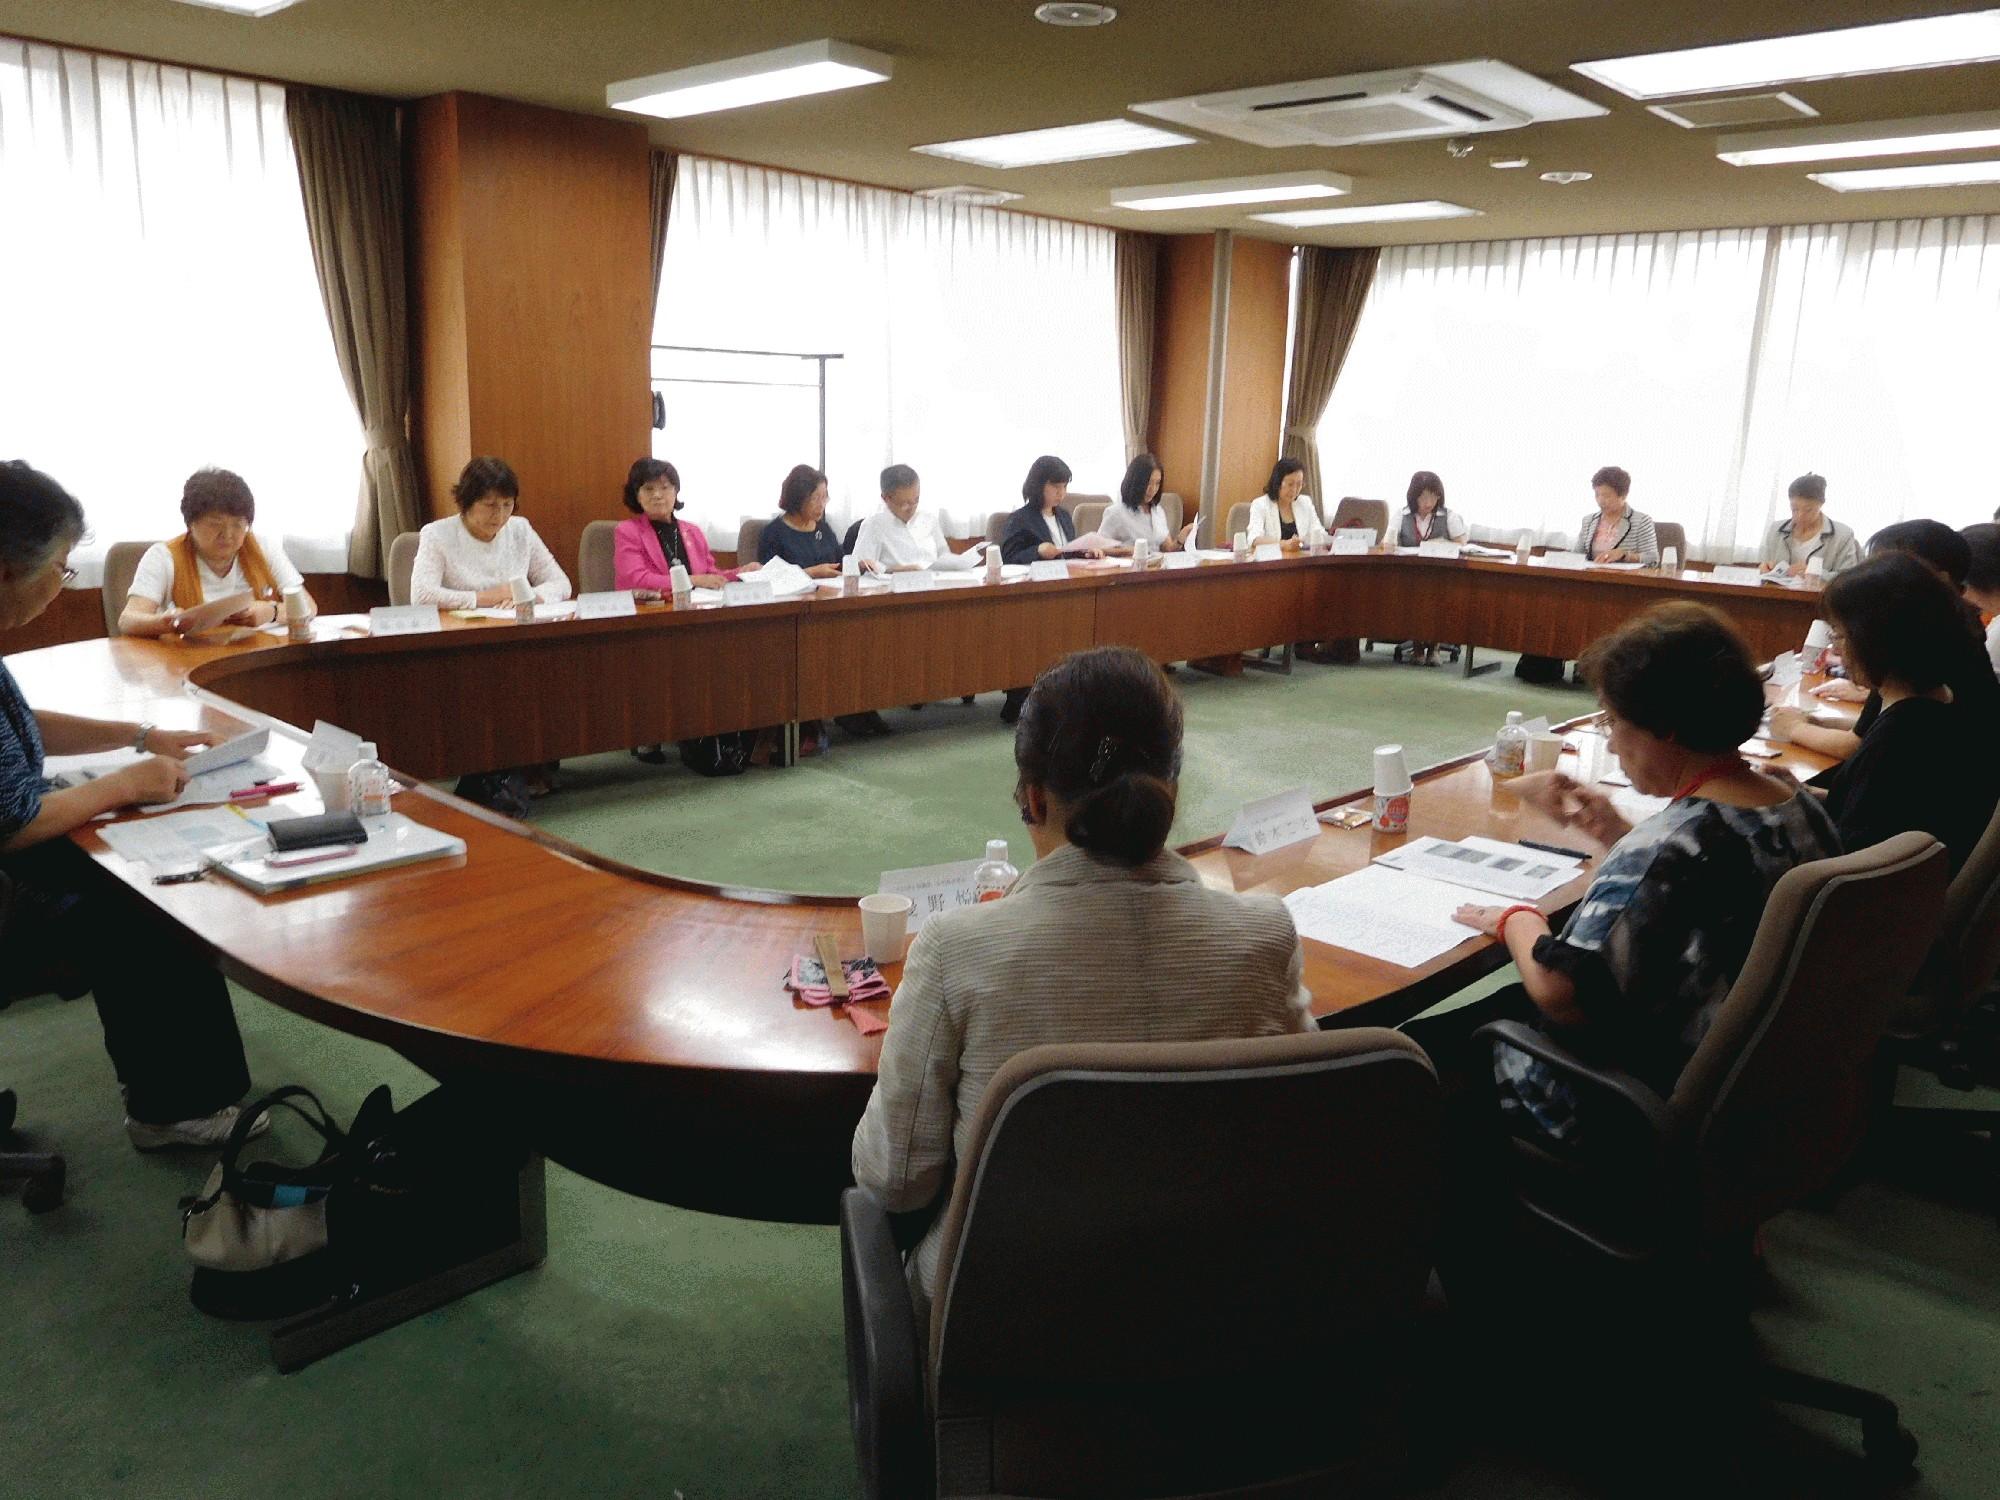 第3回県内女性会会議